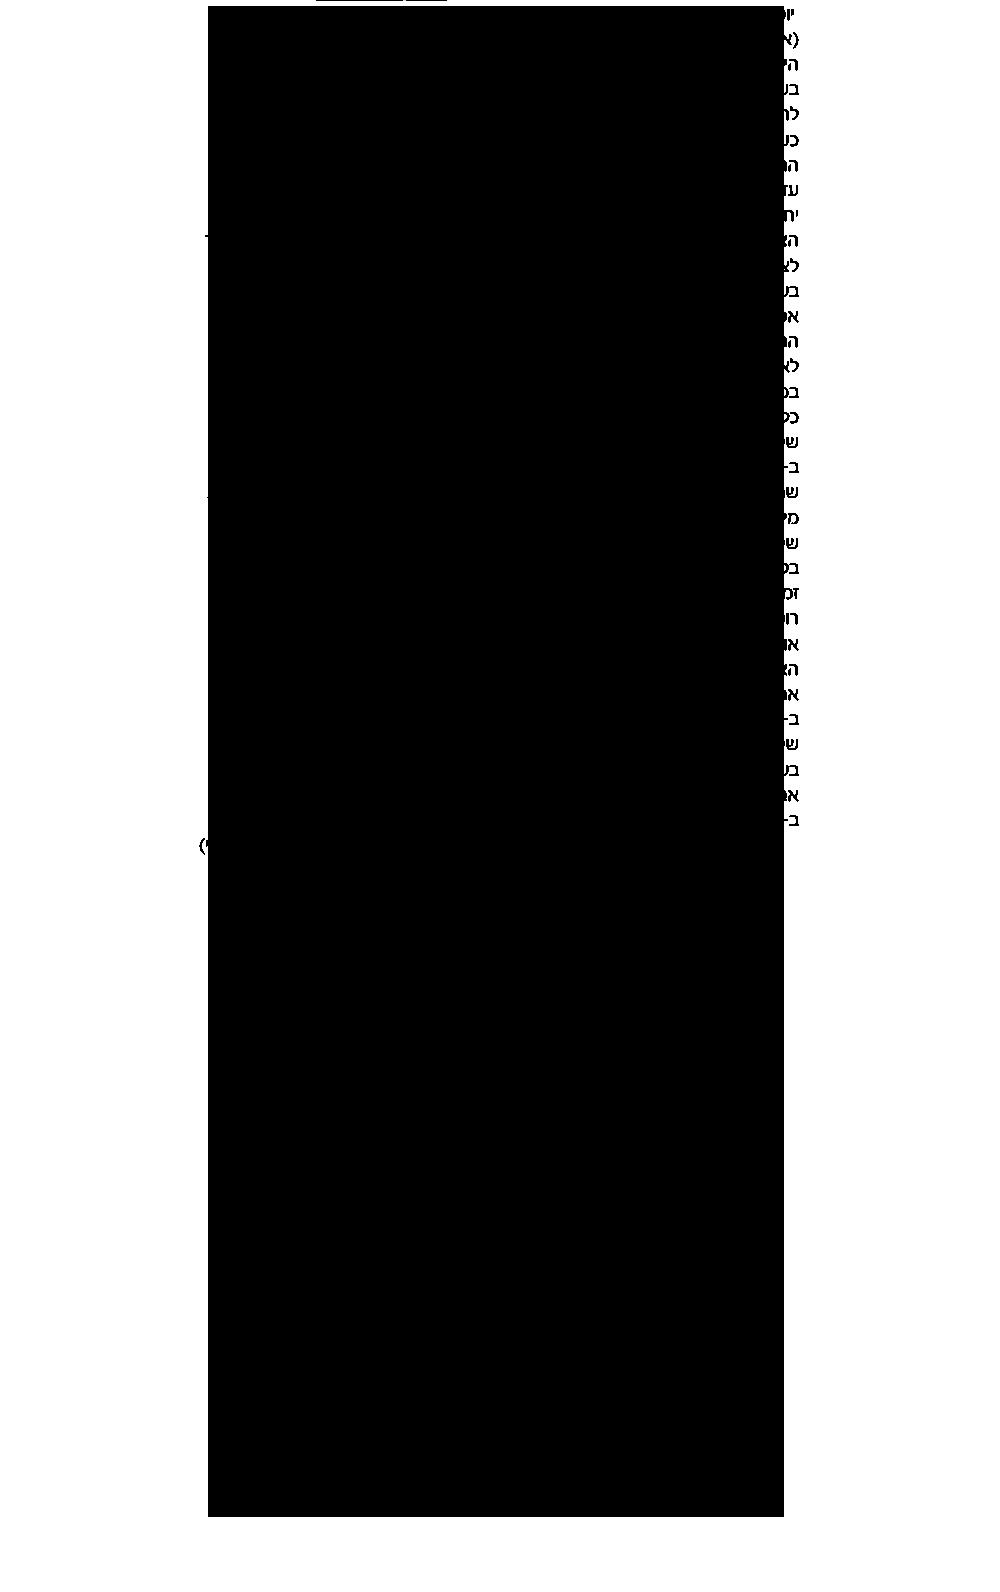 טקסט על יוסף דרנגר